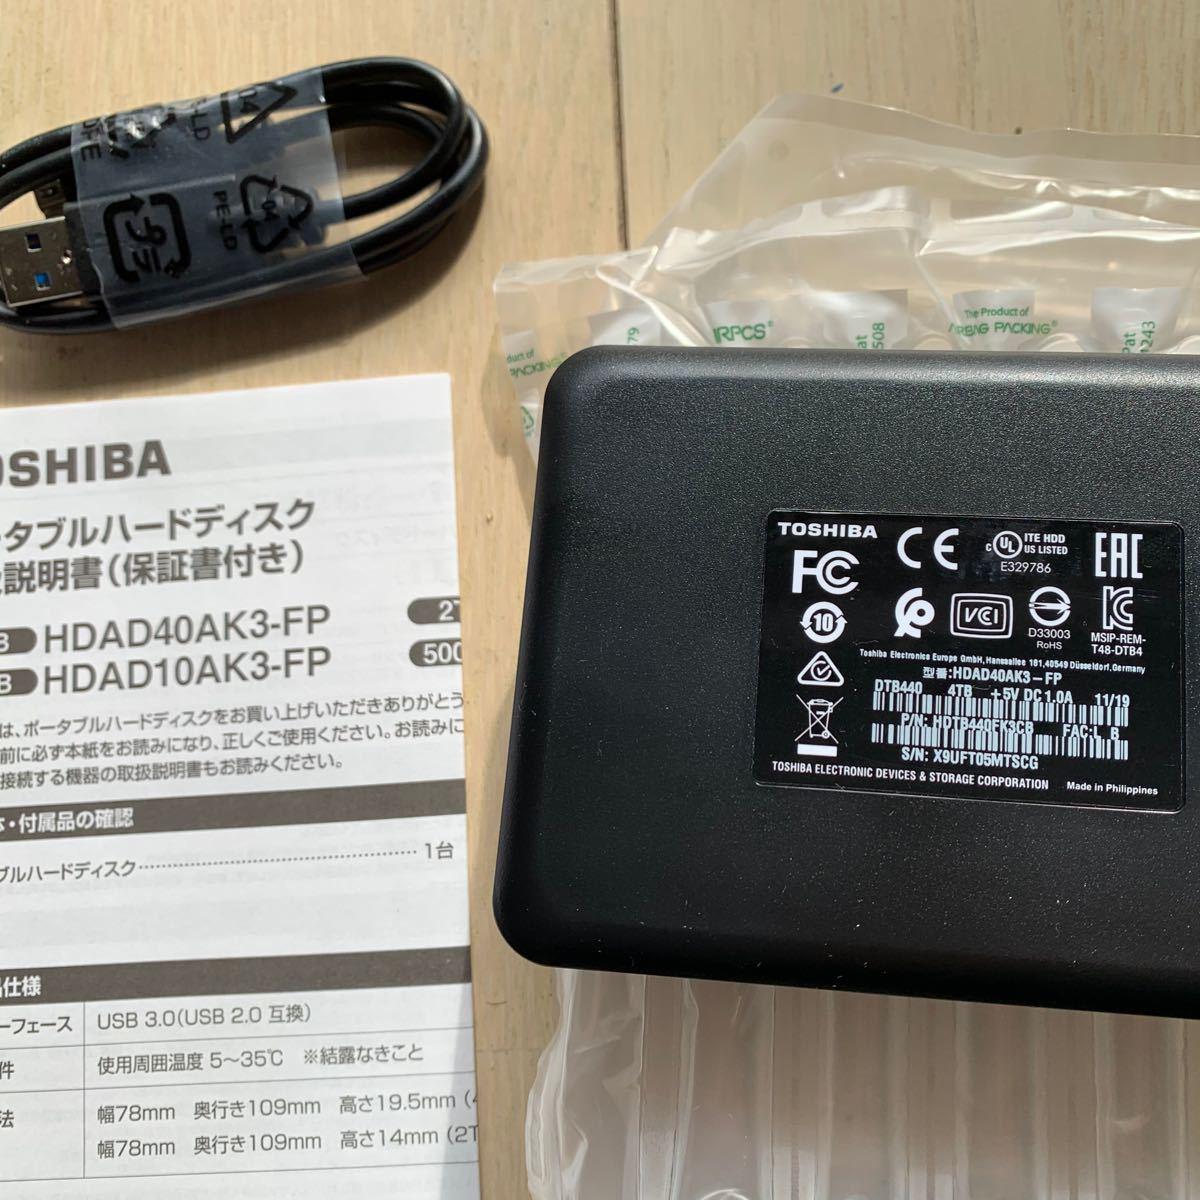 ポータブルHDD 4TB